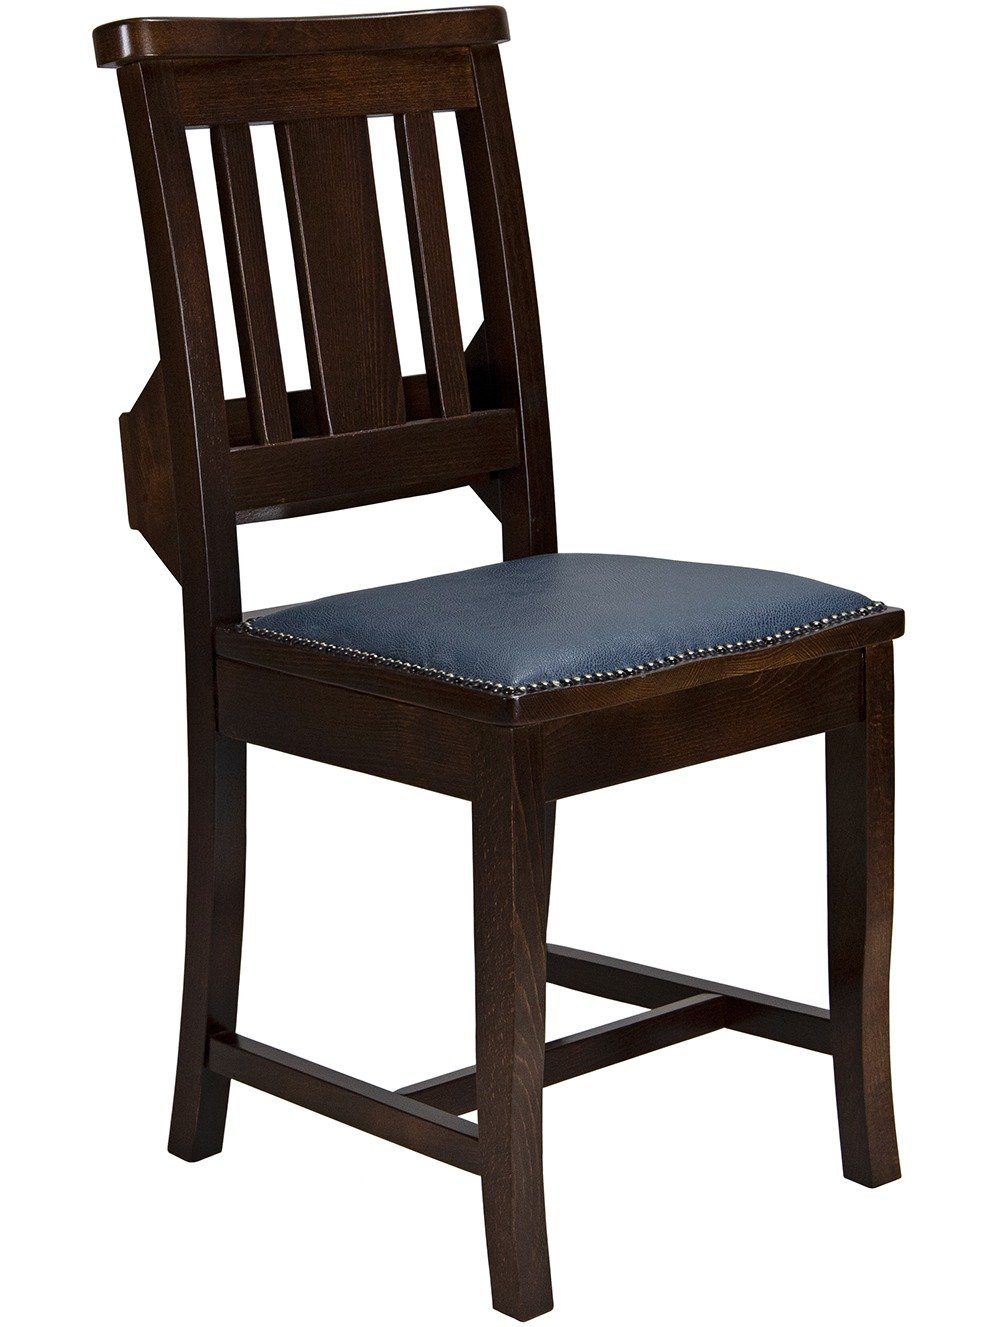 Jospeh Church Side Chair